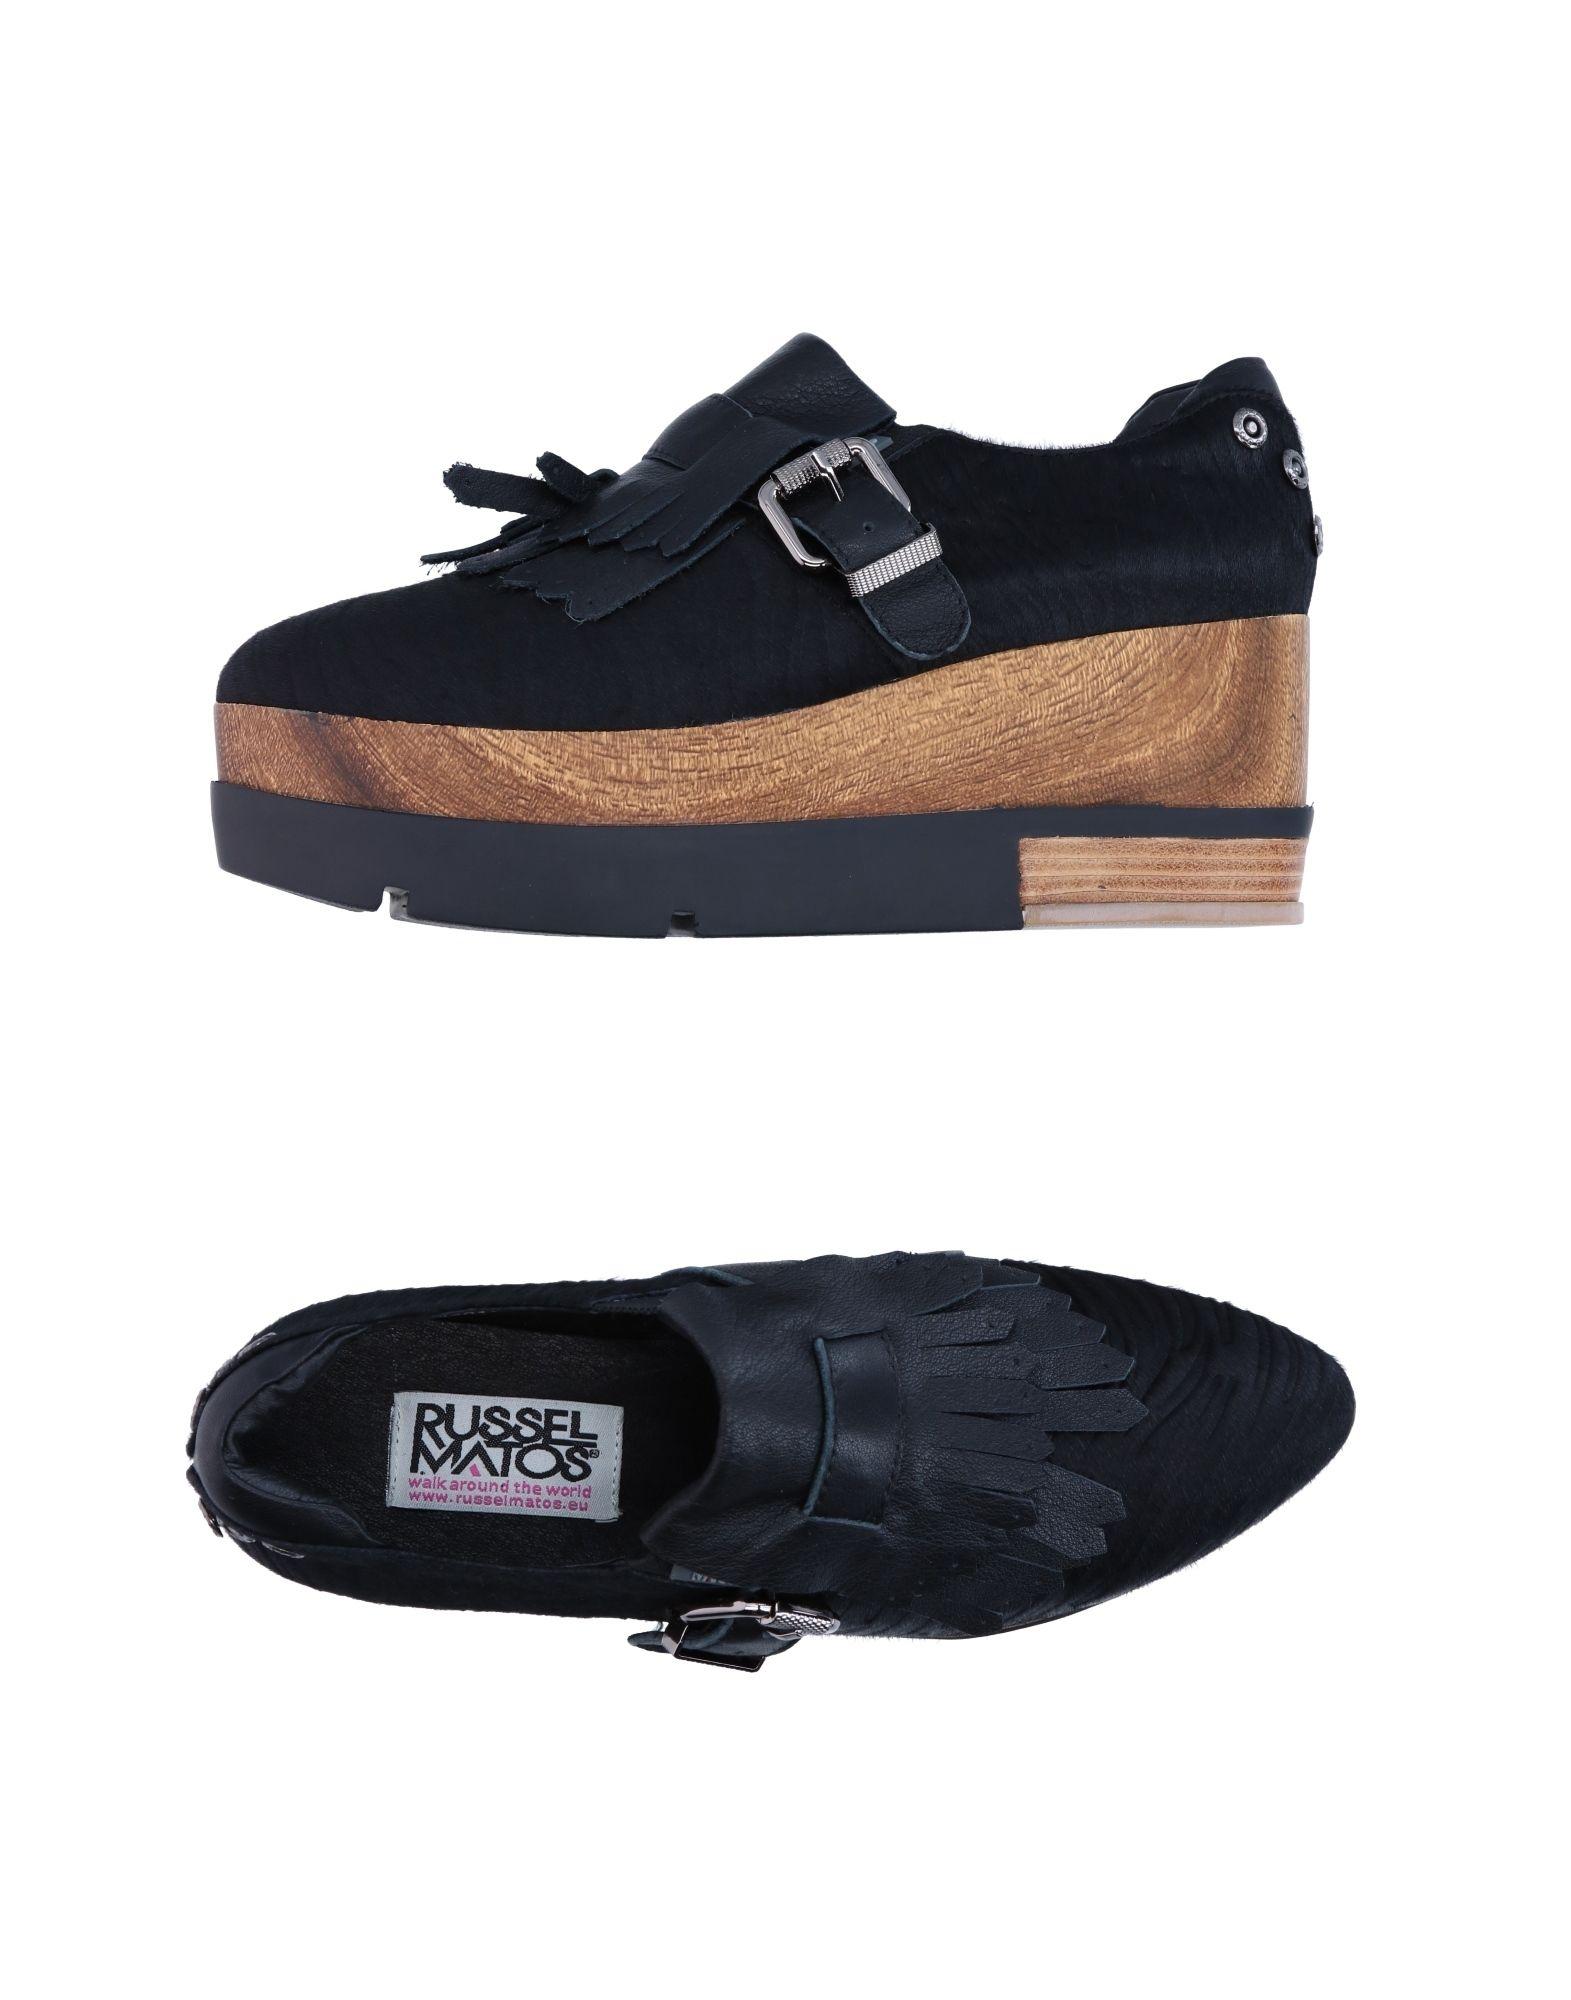 Russel Matos Mokassins Damen  11277294MC Gute Qualität beliebte Schuhe